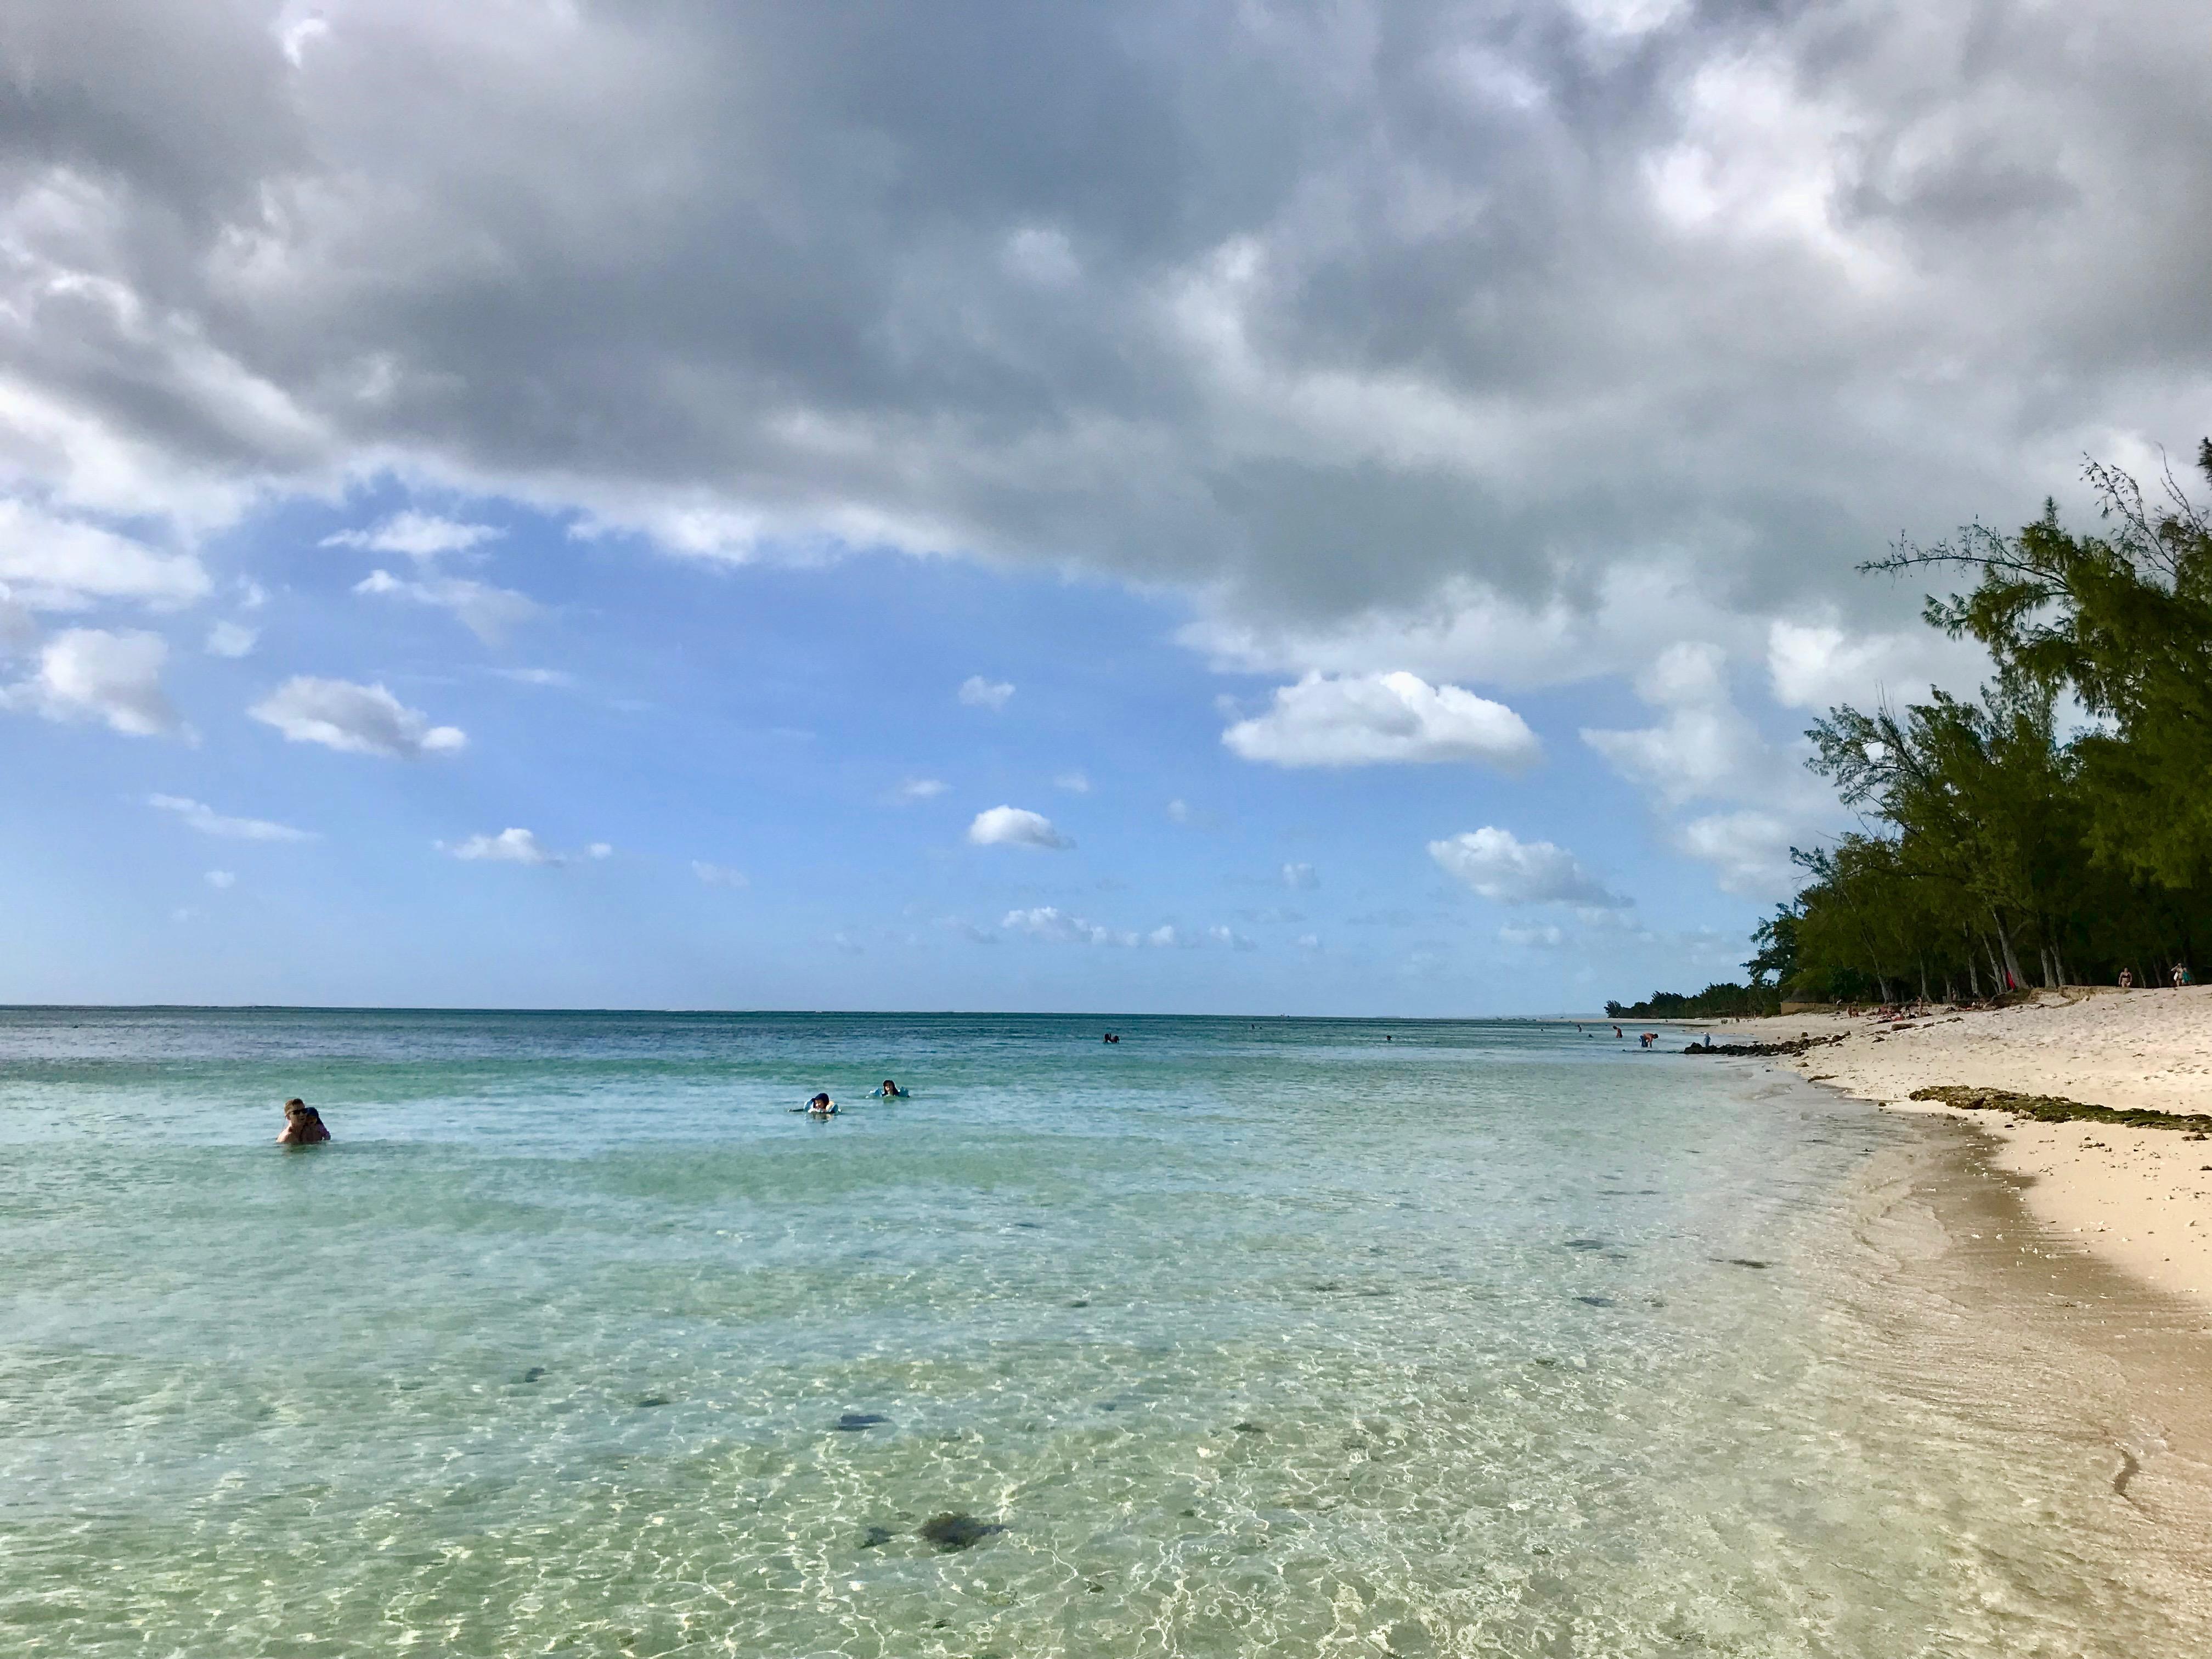 strand på Mauritius med barn